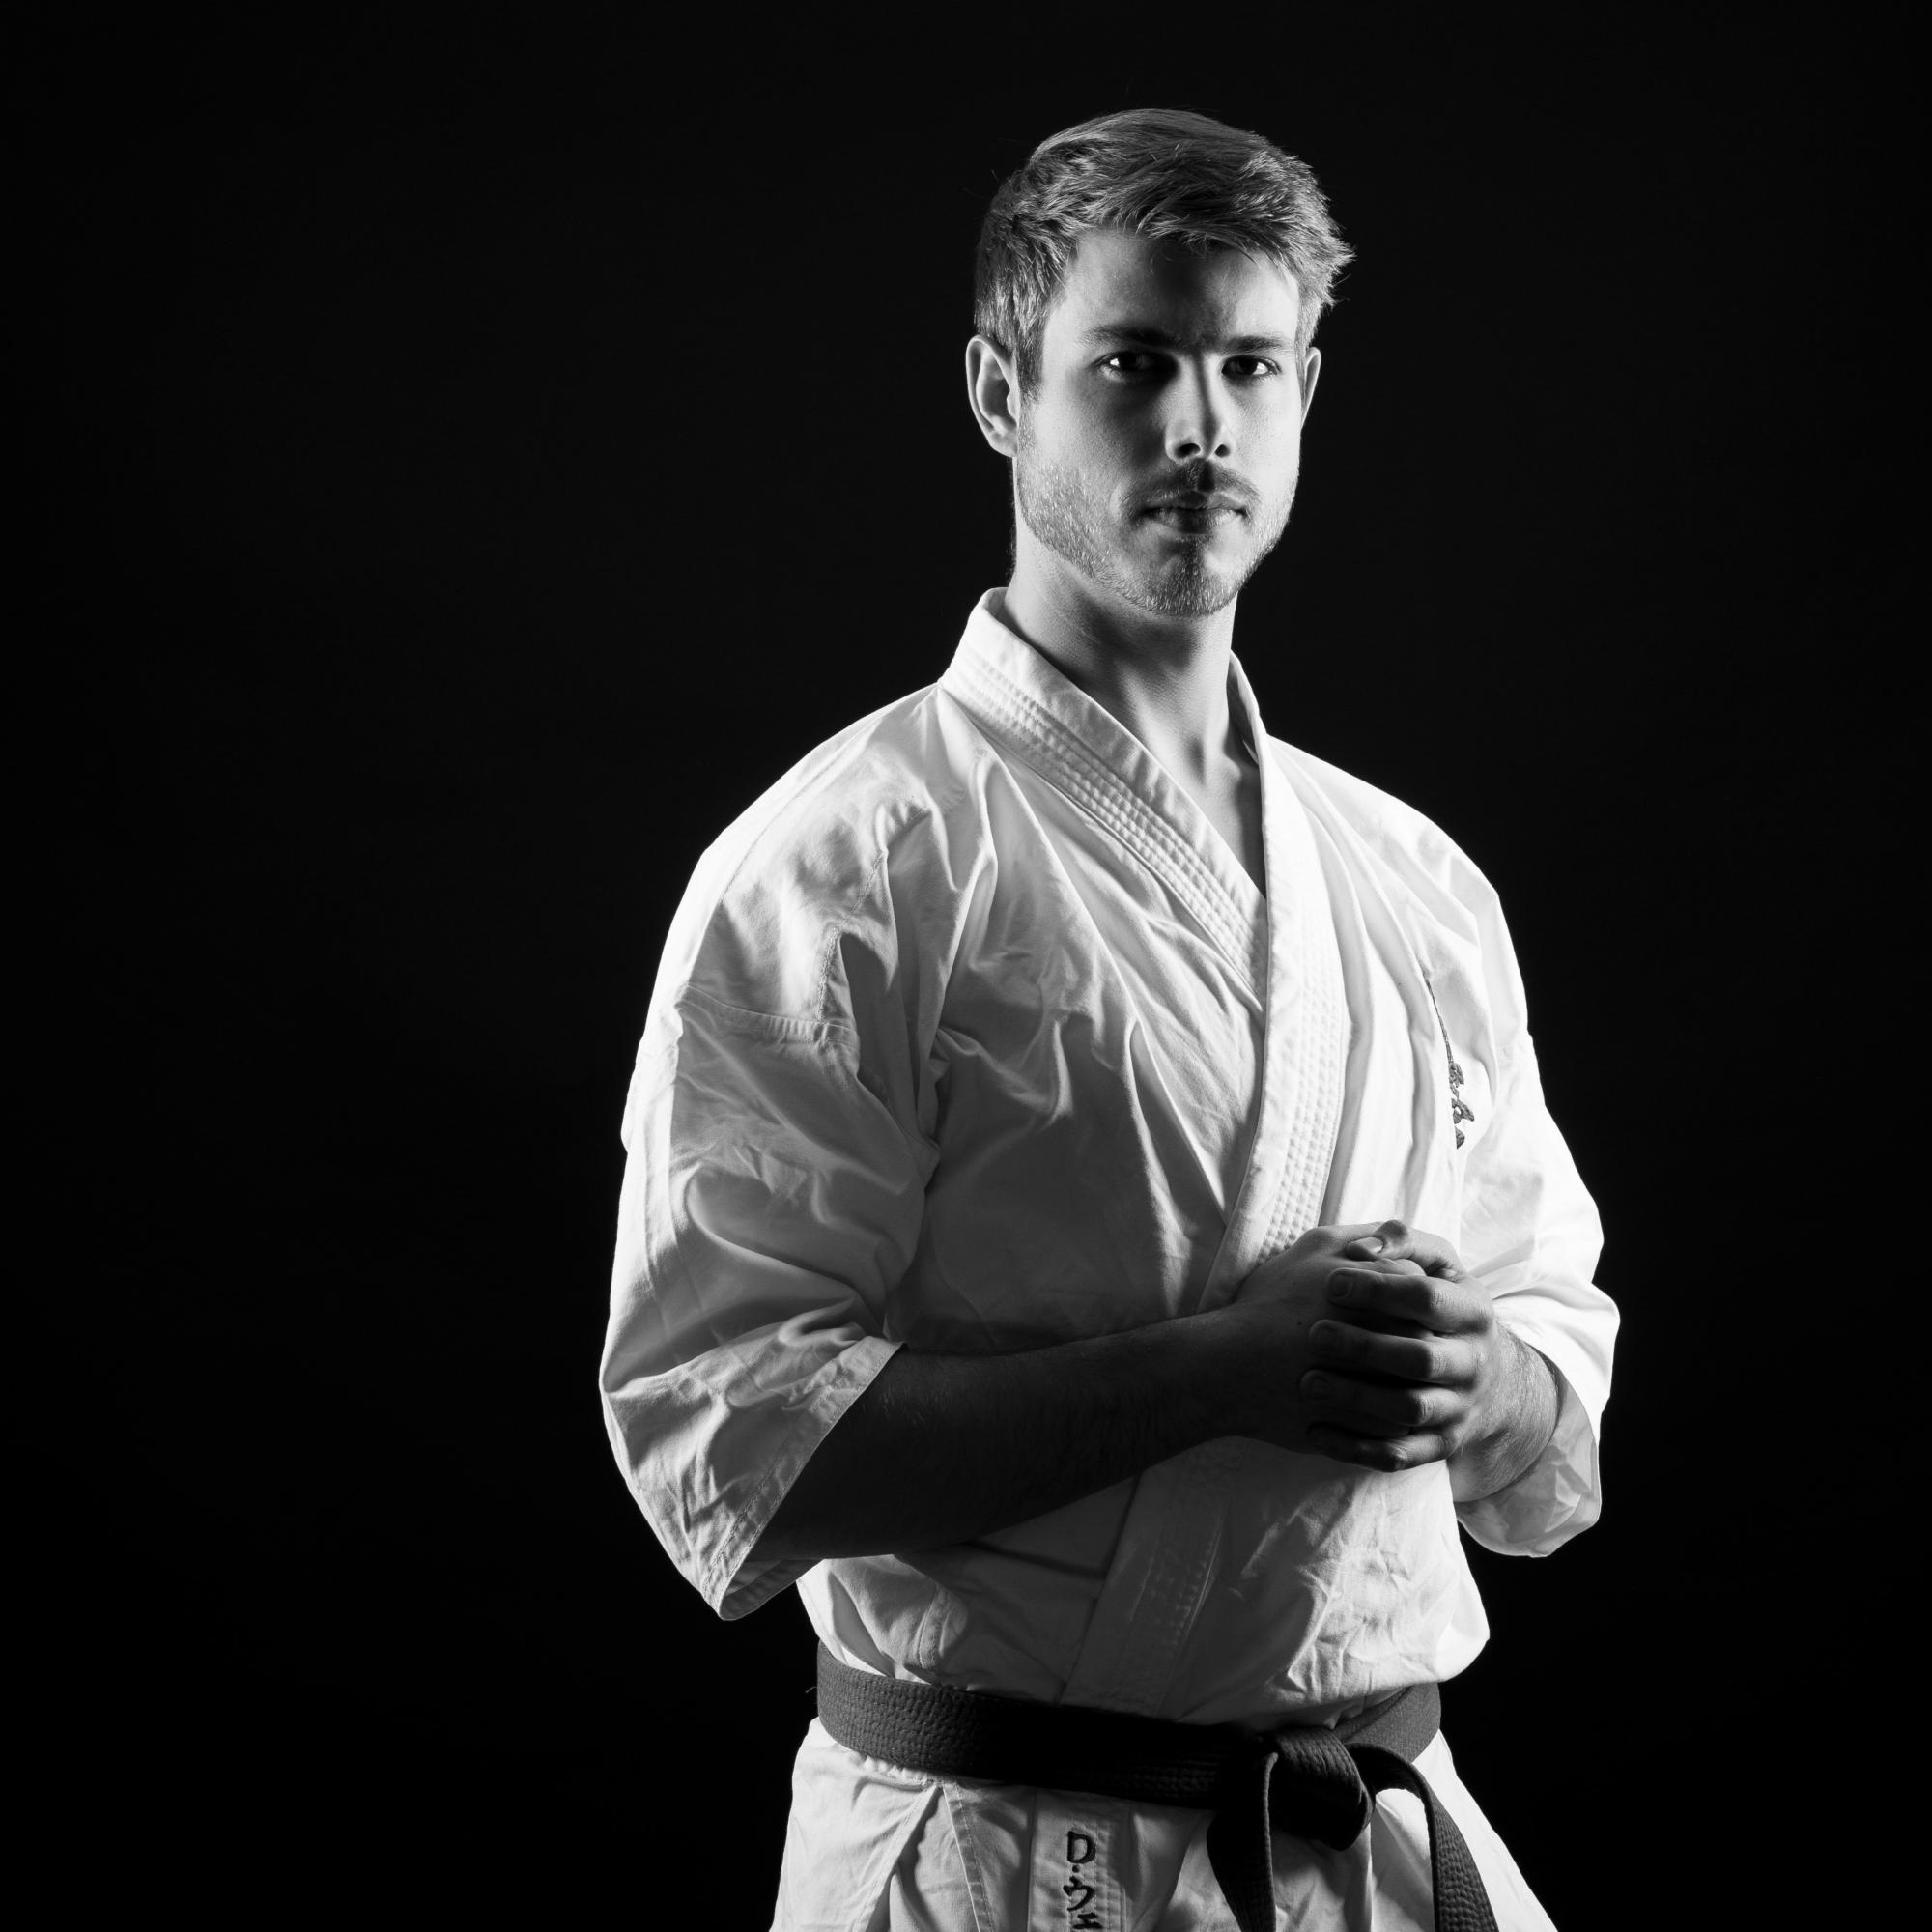 Mein Wedel-Daniel Wähling (2)